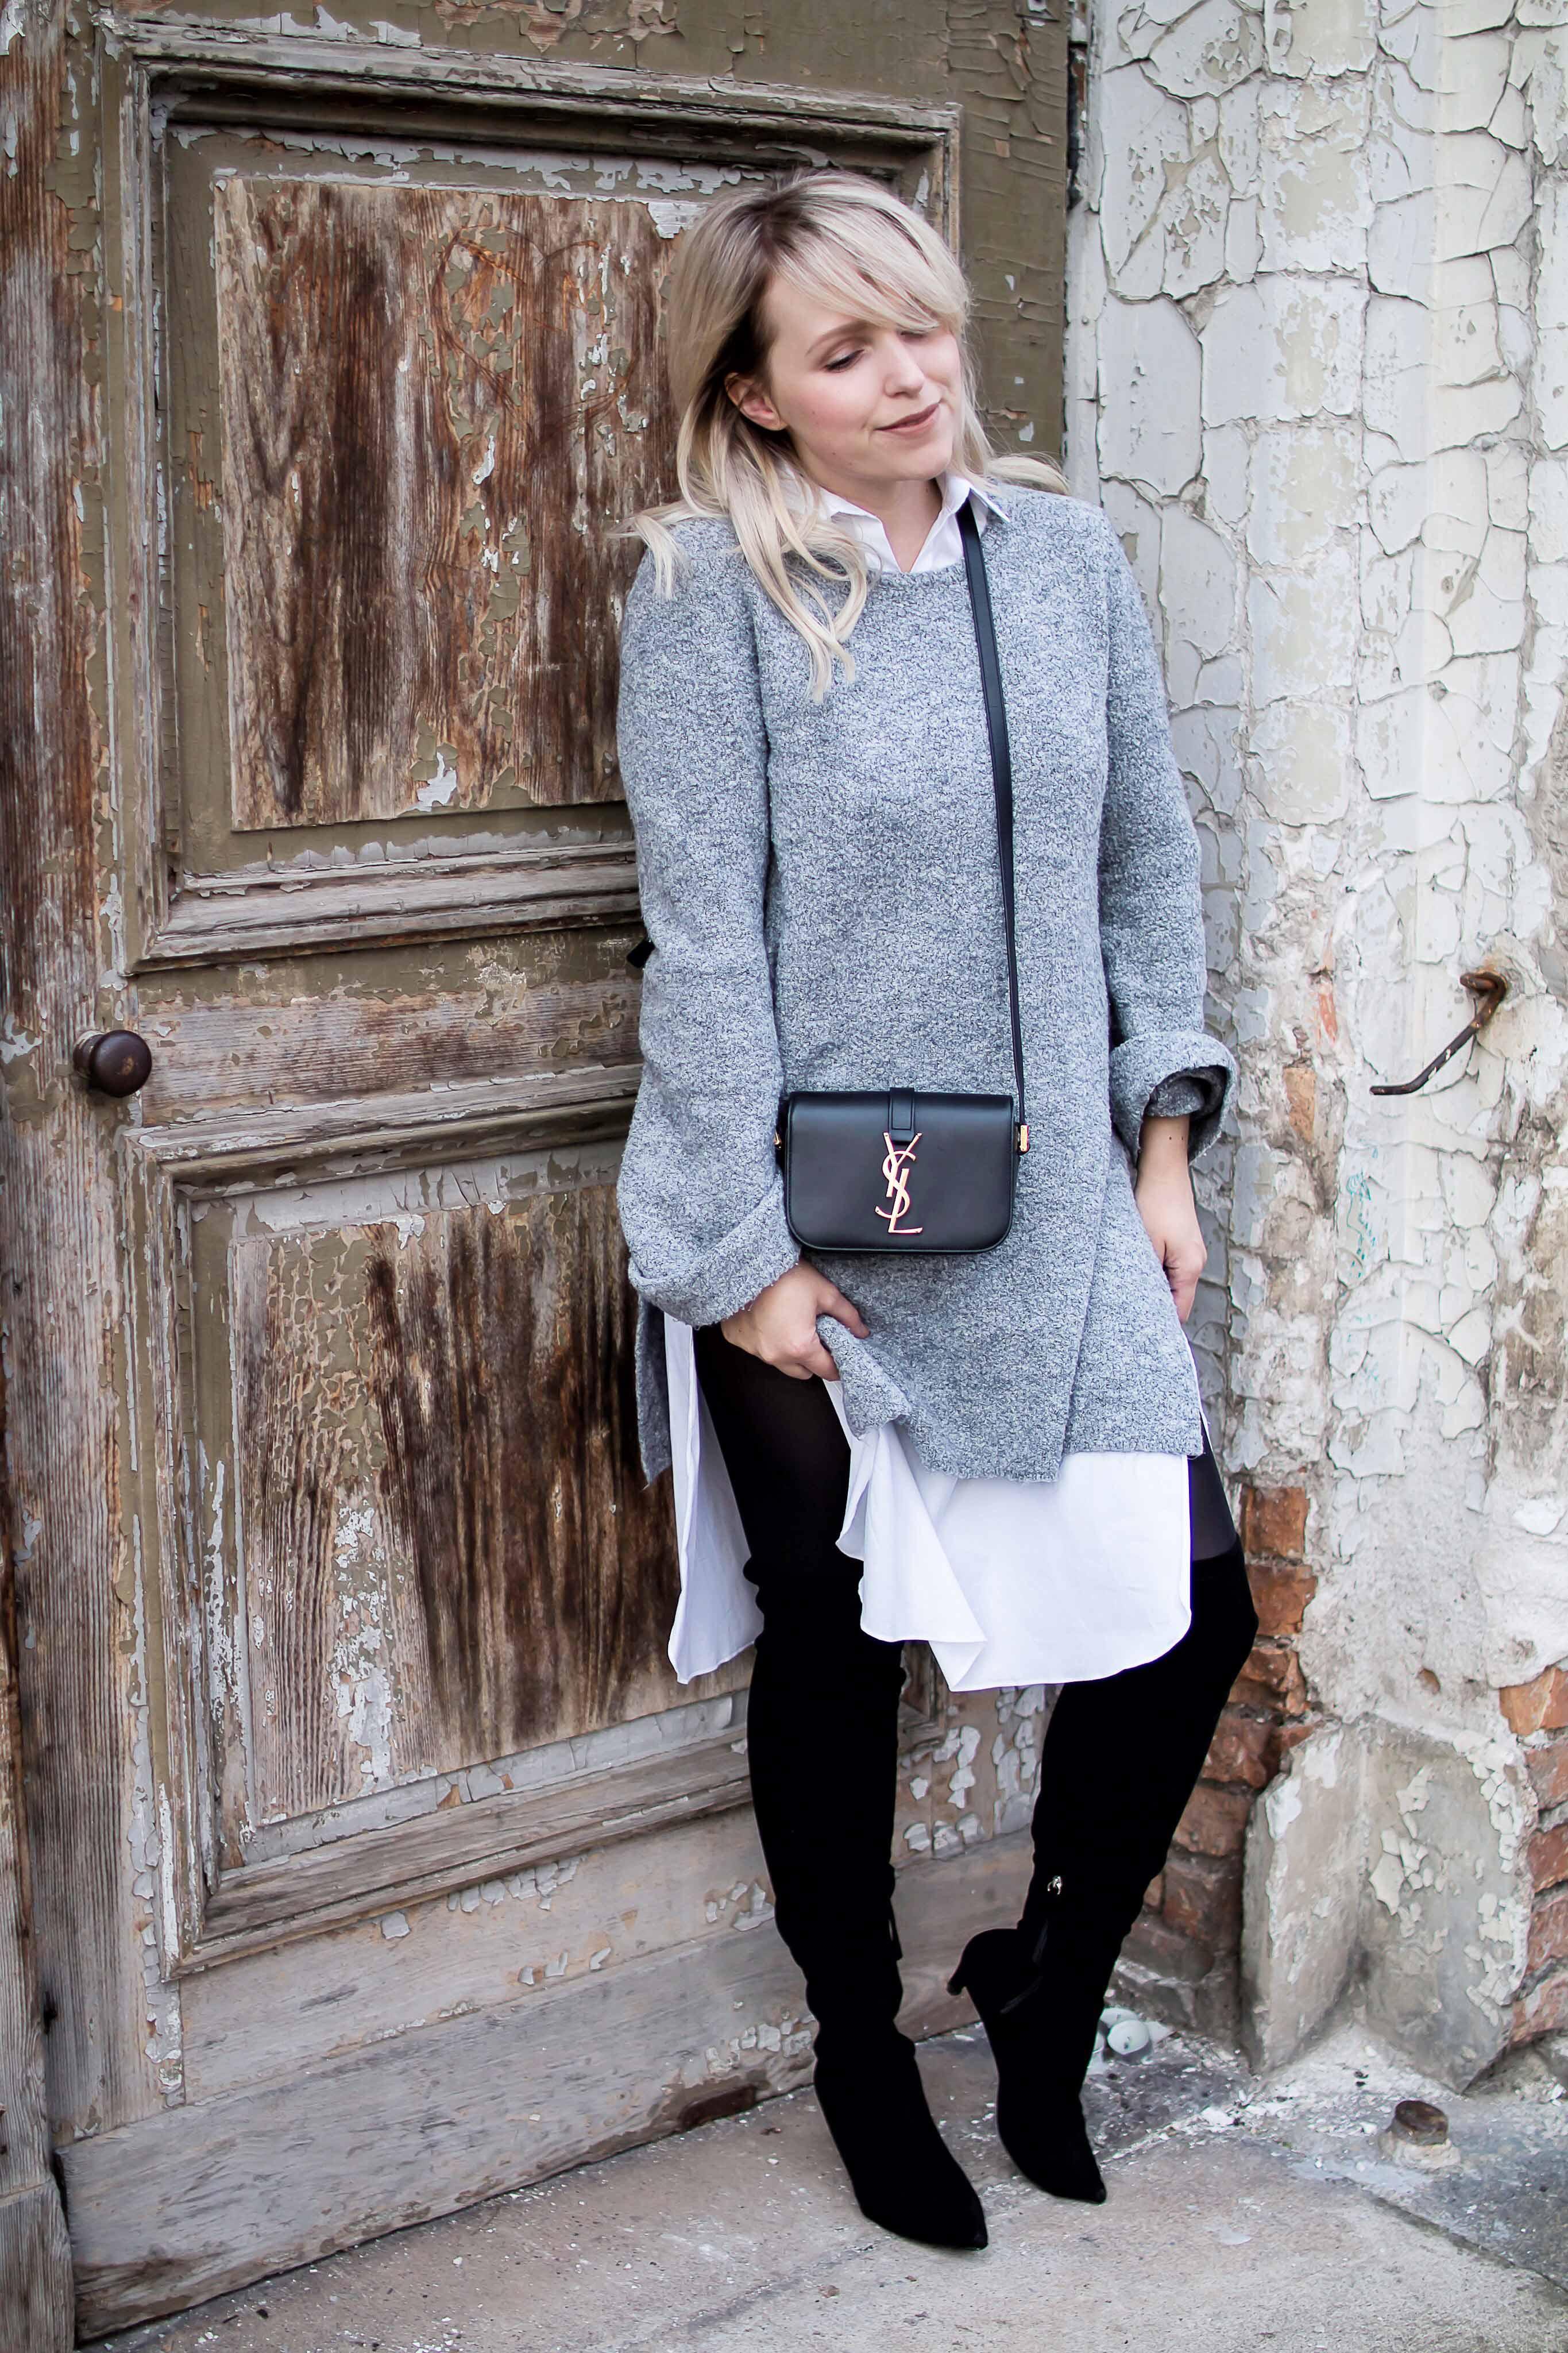 affiliate_rewardstyle_shopping_zara_winter_herbst_looks_ysl_tasche